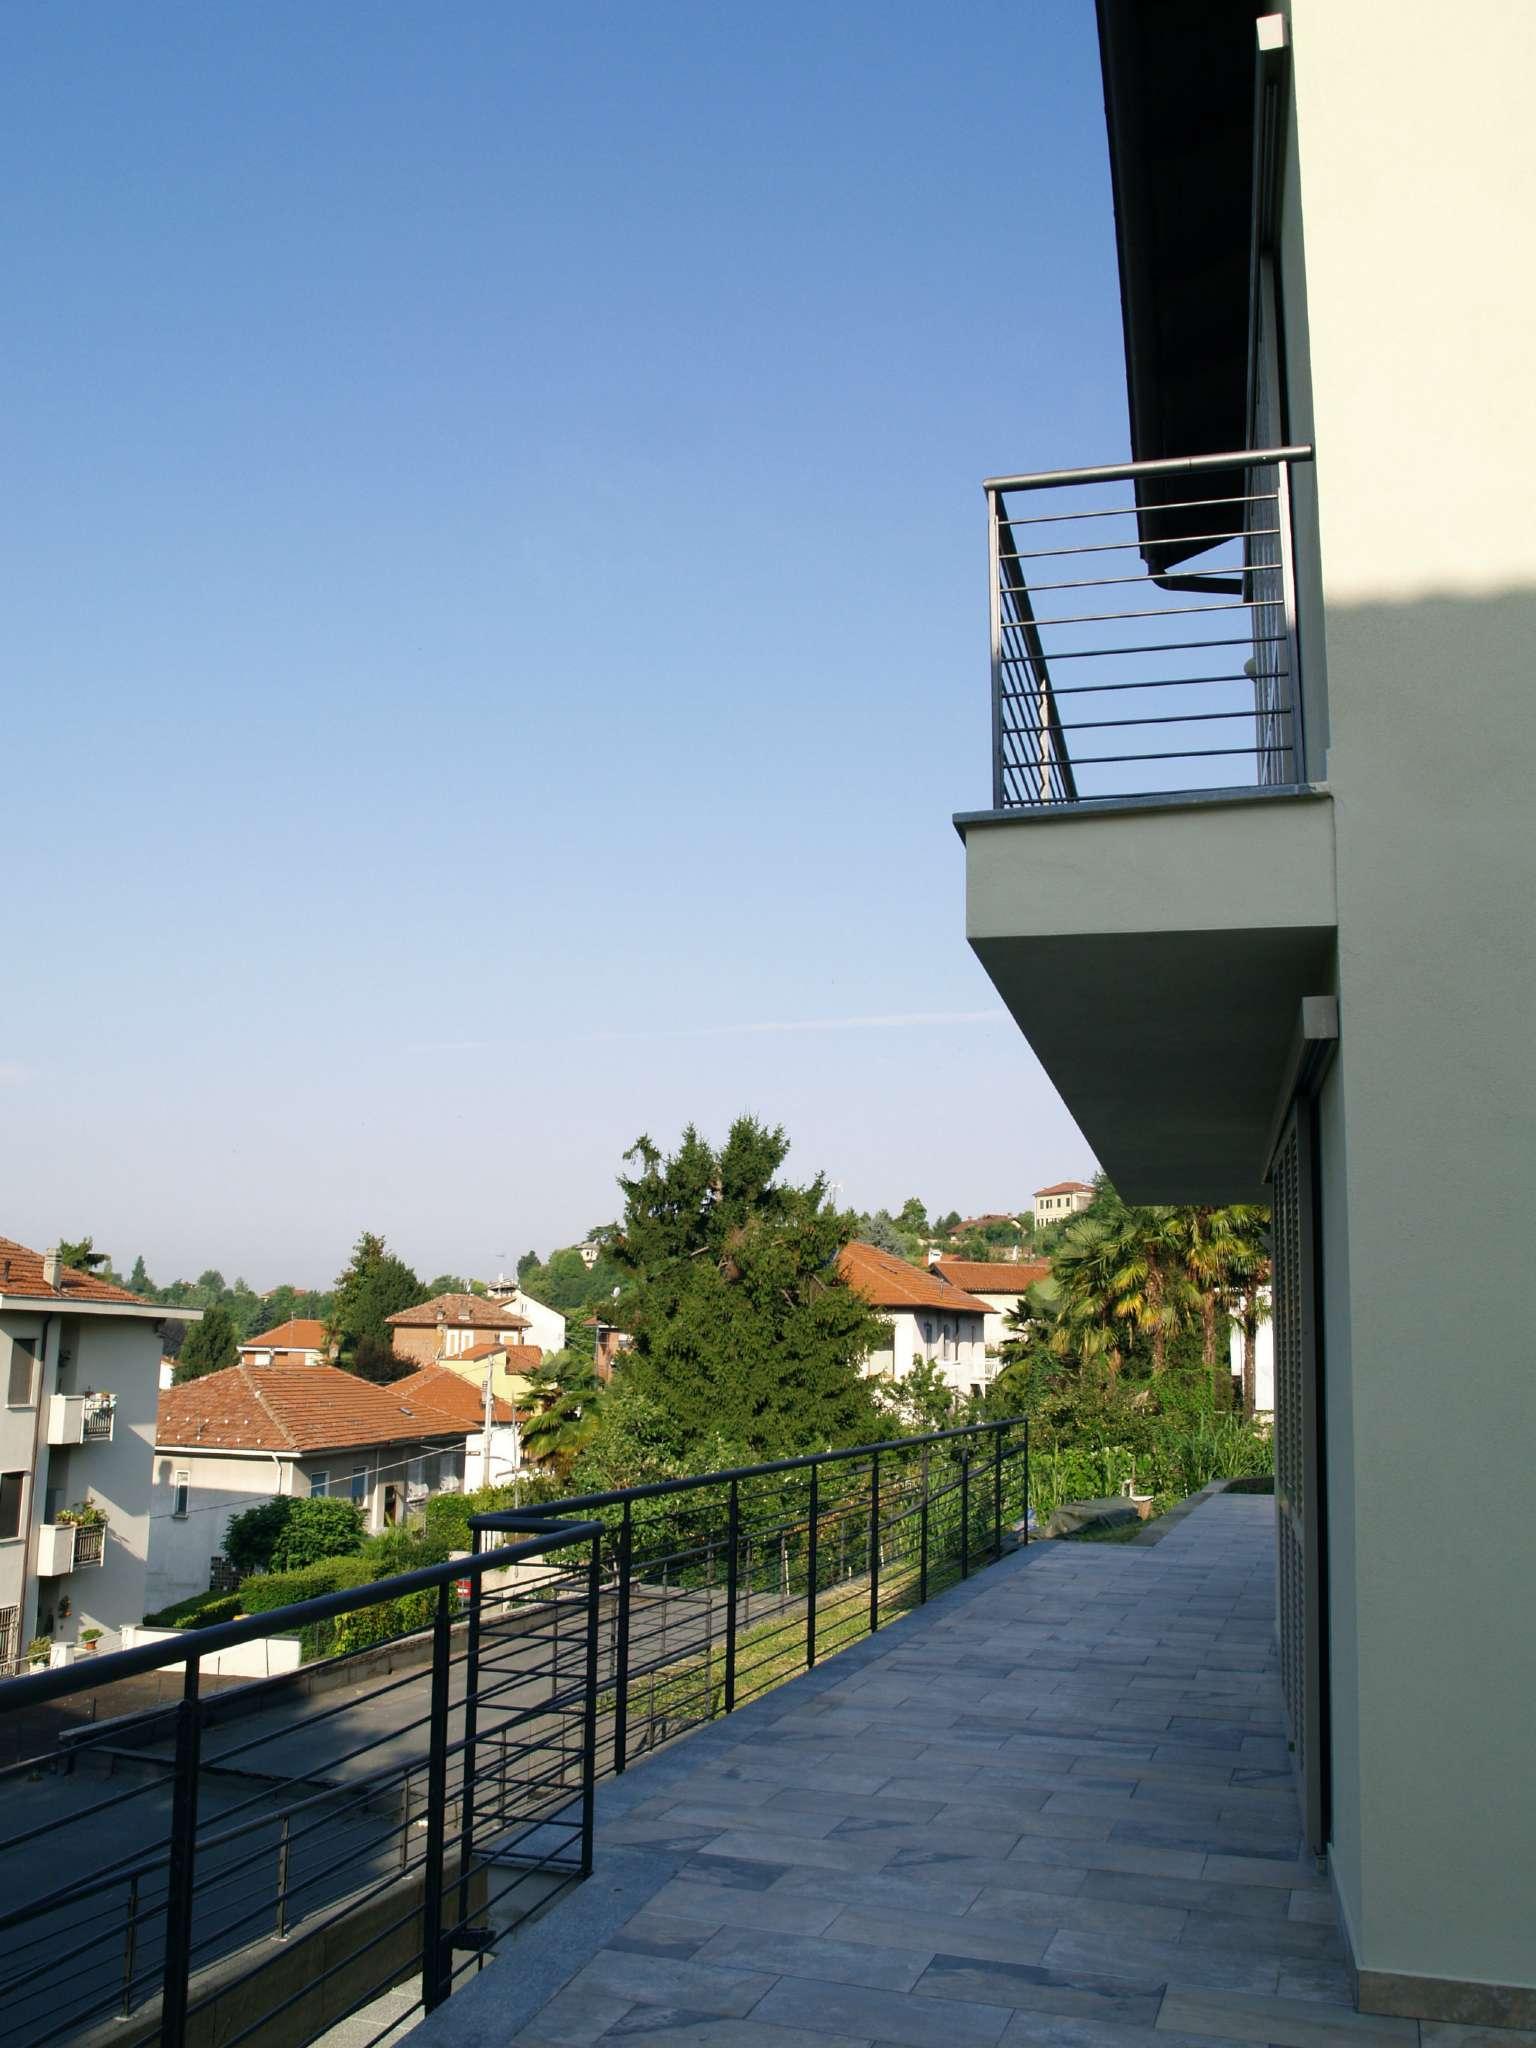 Foto 1 di Villa Bifamiliare strada Cesare Meano 18, Torino (zona Precollina, Collina)